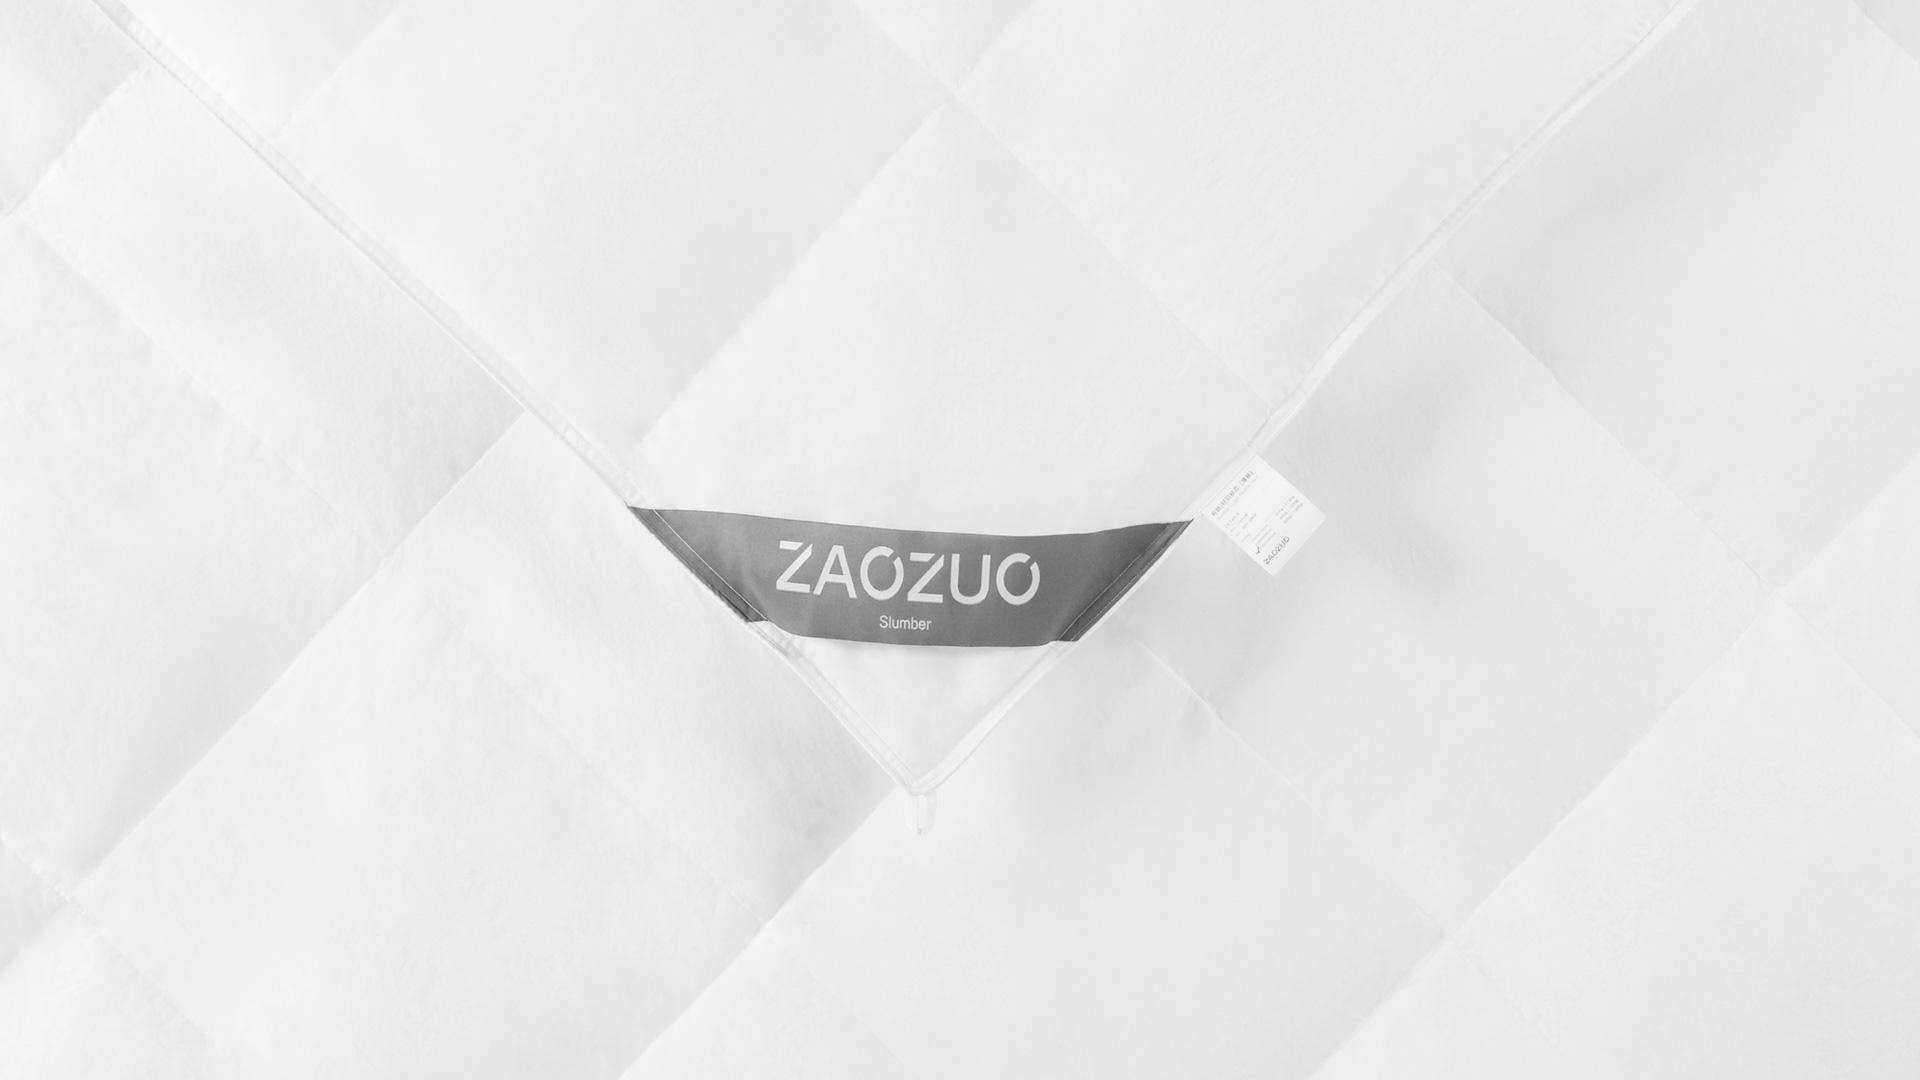 被芯表面采用内衣品级100%全棉面料,面料纱线以40纱支233根密度为标准,质感更细腻柔软,具有吸汗、保温、耐热、安全不刺激的特性,裸睡也零负担。所有方形格均采用25cm正方绗缝工艺,48~81个完整致密方格,保证填充物固定不脱絮的同时被芯薄厚均匀,藏在被罩里的第一层都要精准美观。?x-oss-process=image/format,jpg/interlace,1